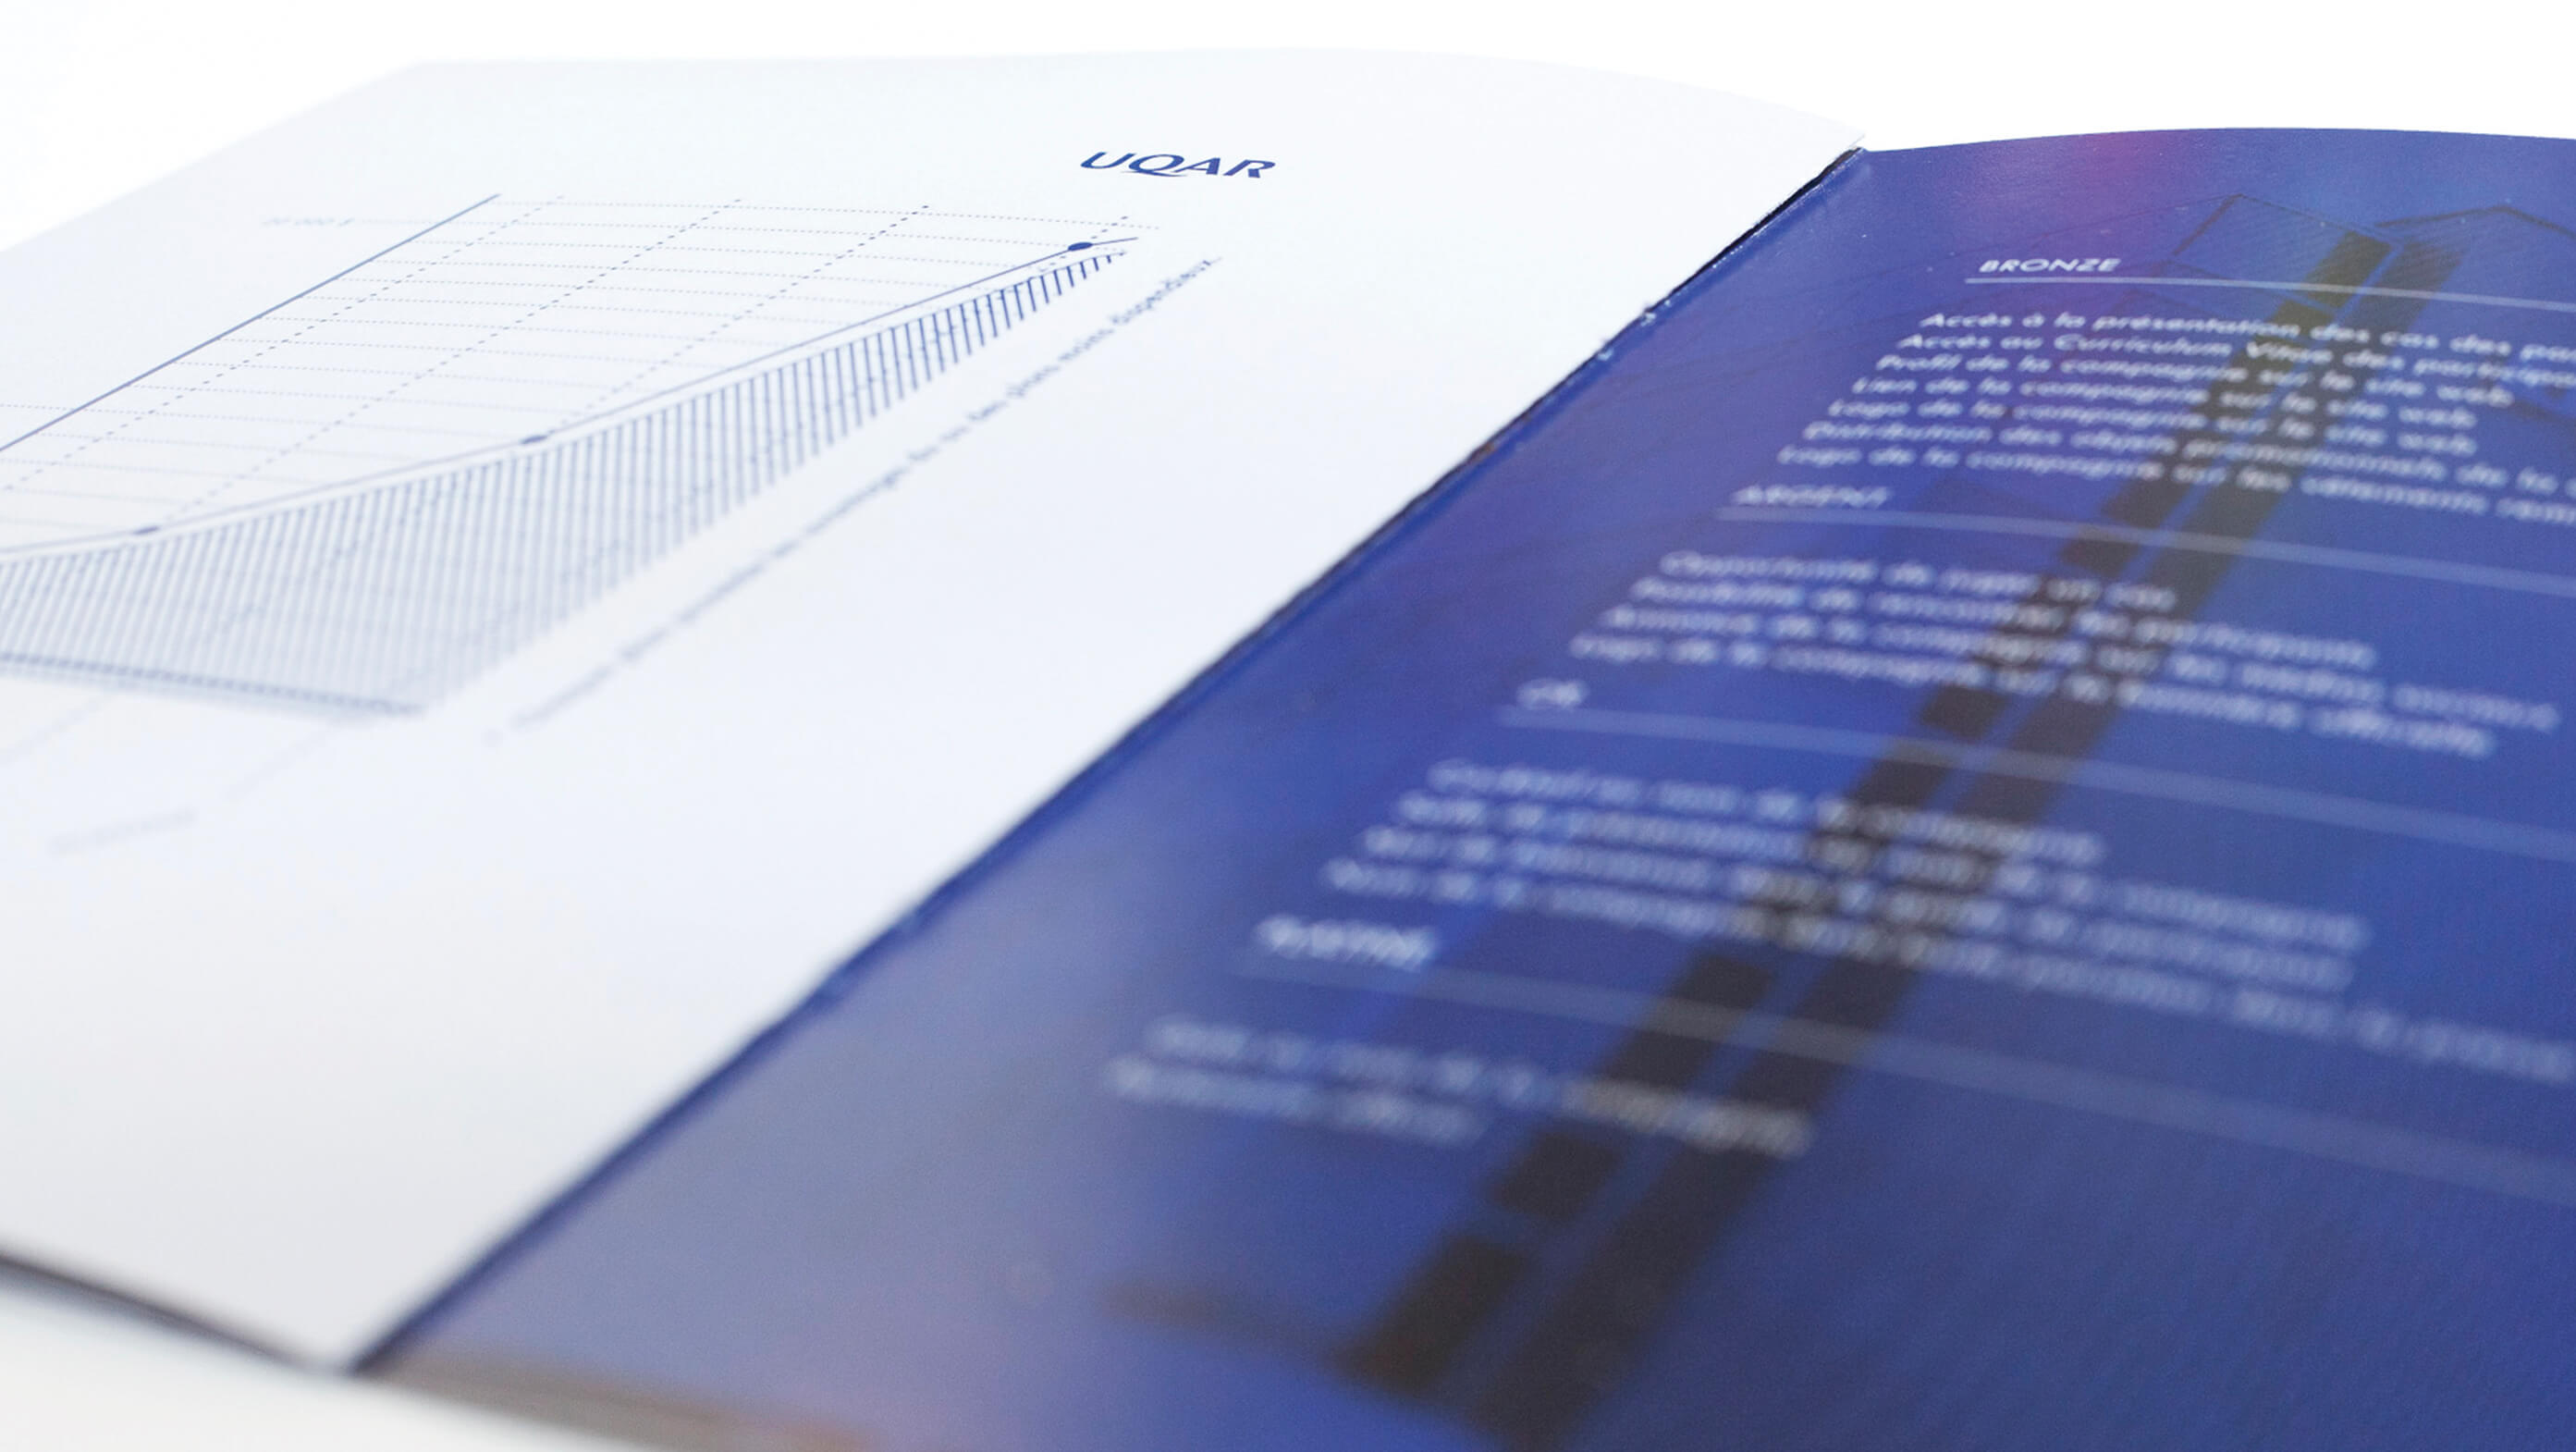 design-graphique-UQAR-Omnium-Financier-graphisme-levis